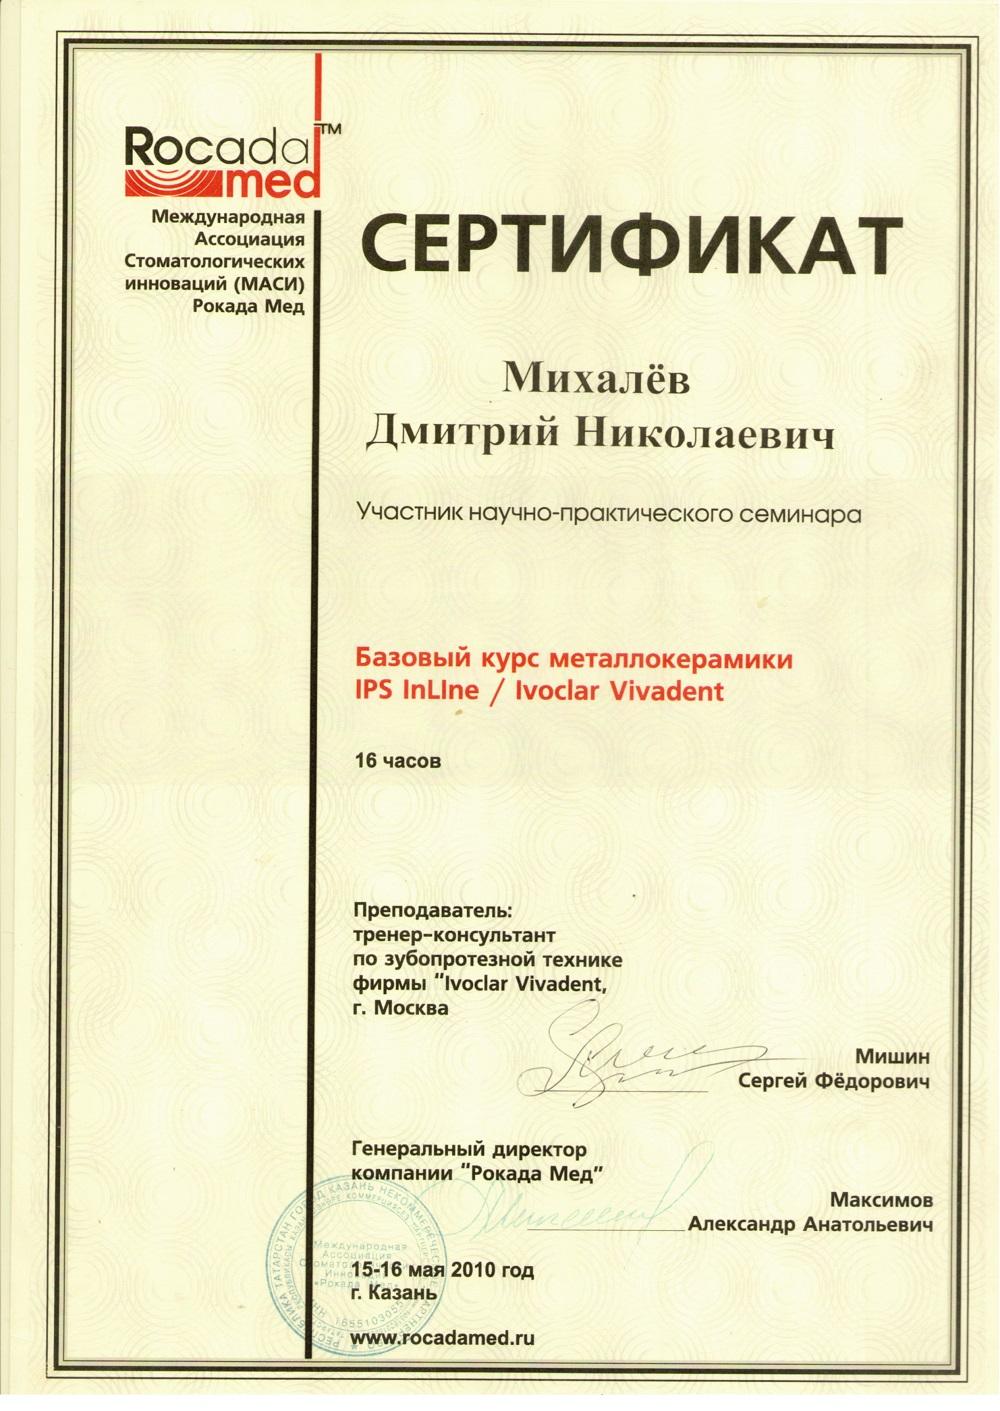 Сертификат МАСИ